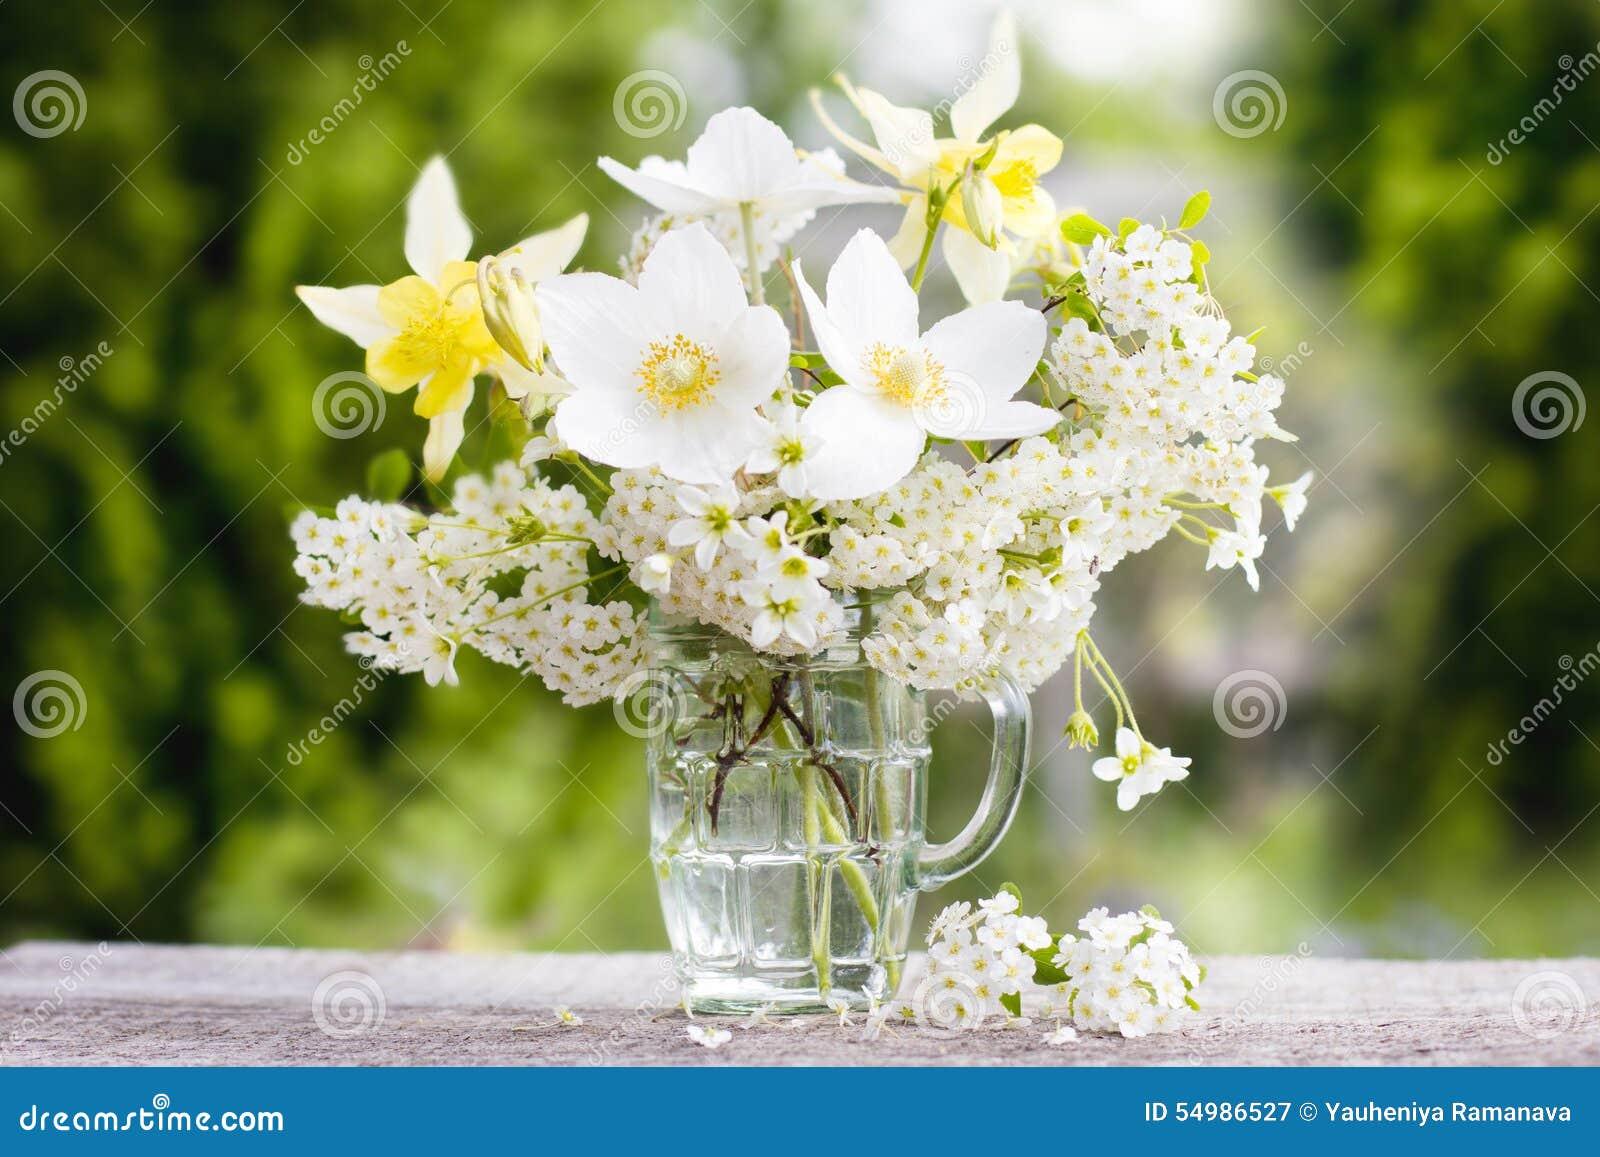 A bouquet of beautiful flowers against a green garden 1